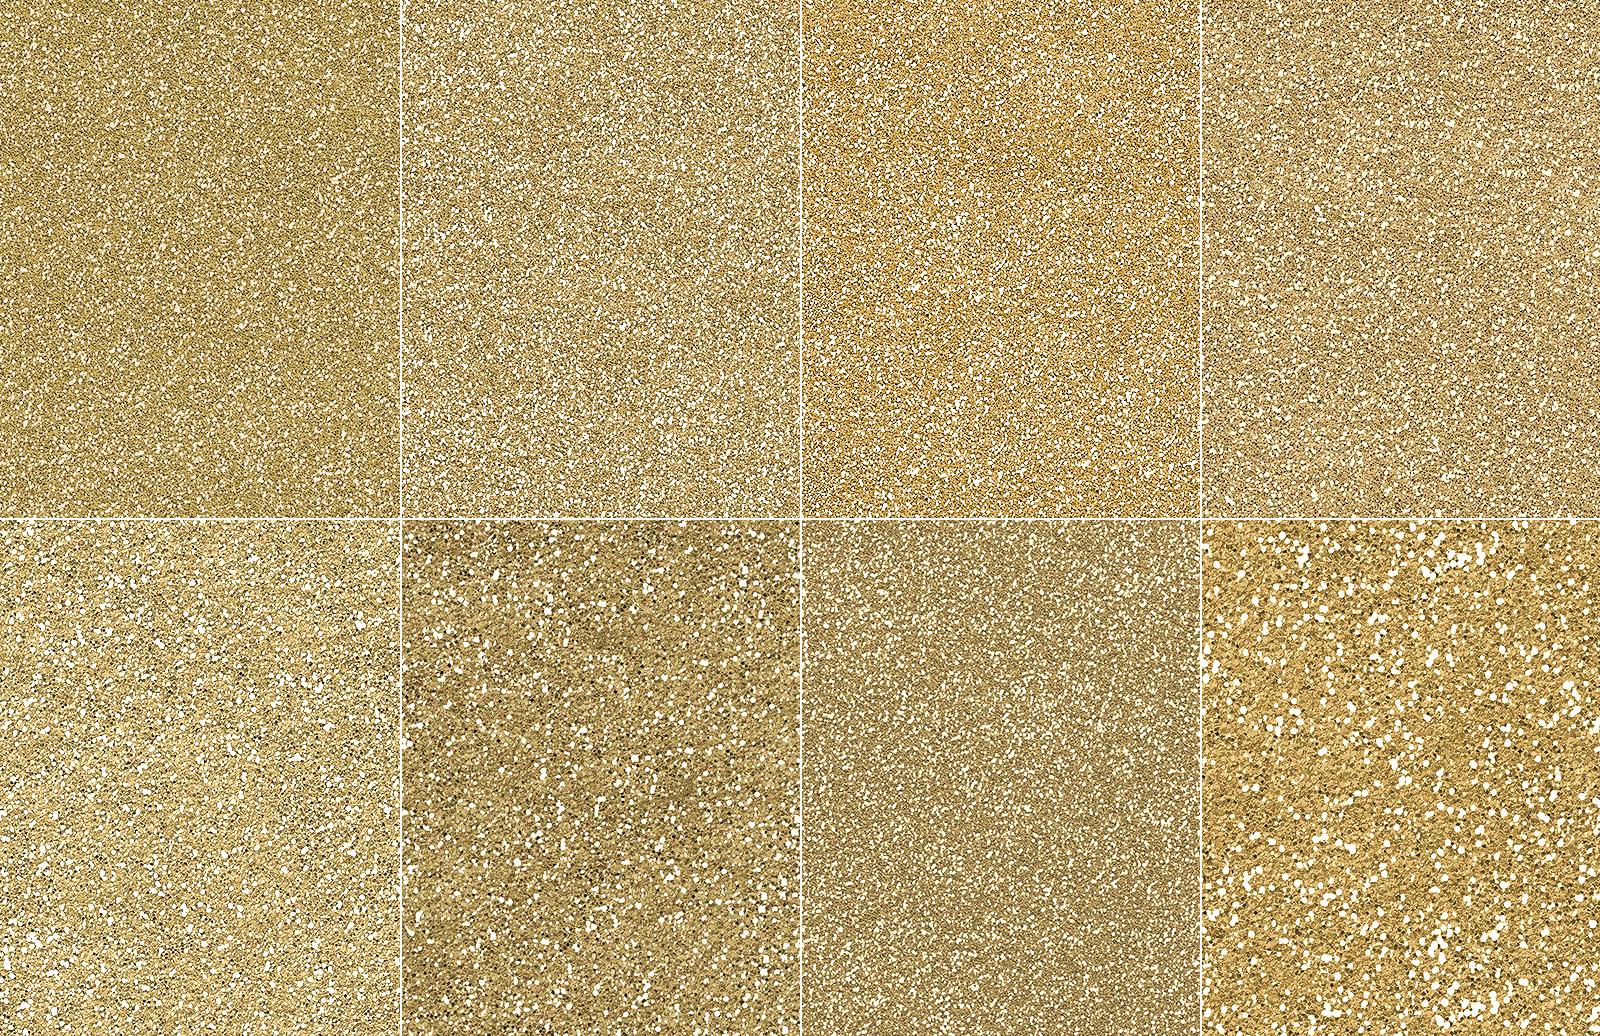 Seamless Glitter Textures 2